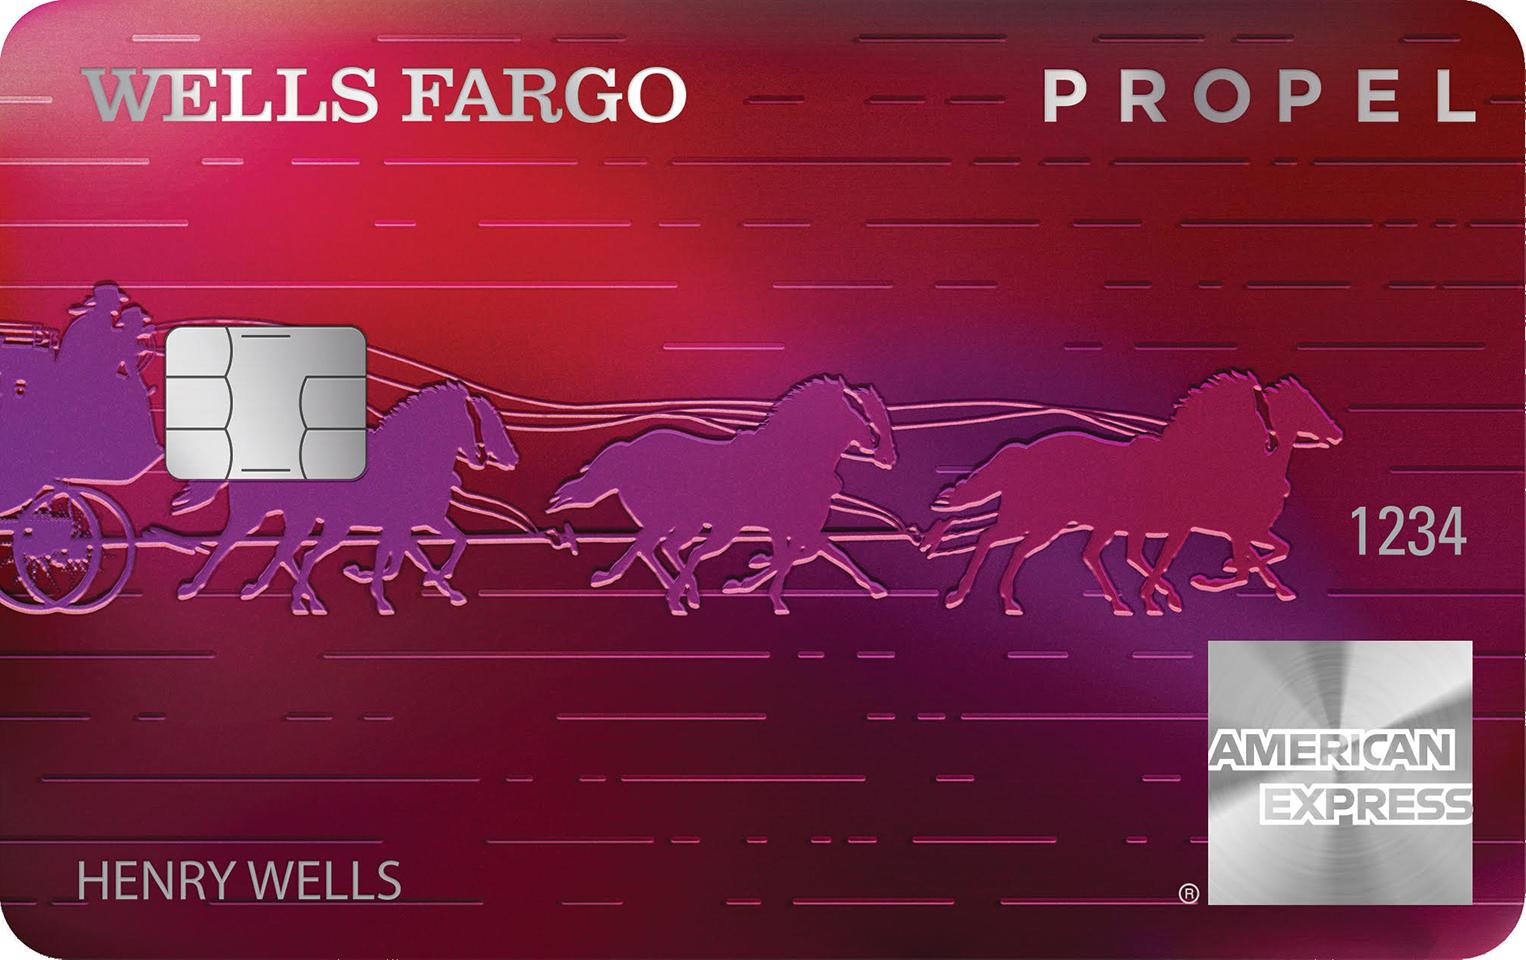 Überprüfung der AmEx-Kreditkarte von Wells Fargo Propel (Update 2020.1: 20.000-Angebot)